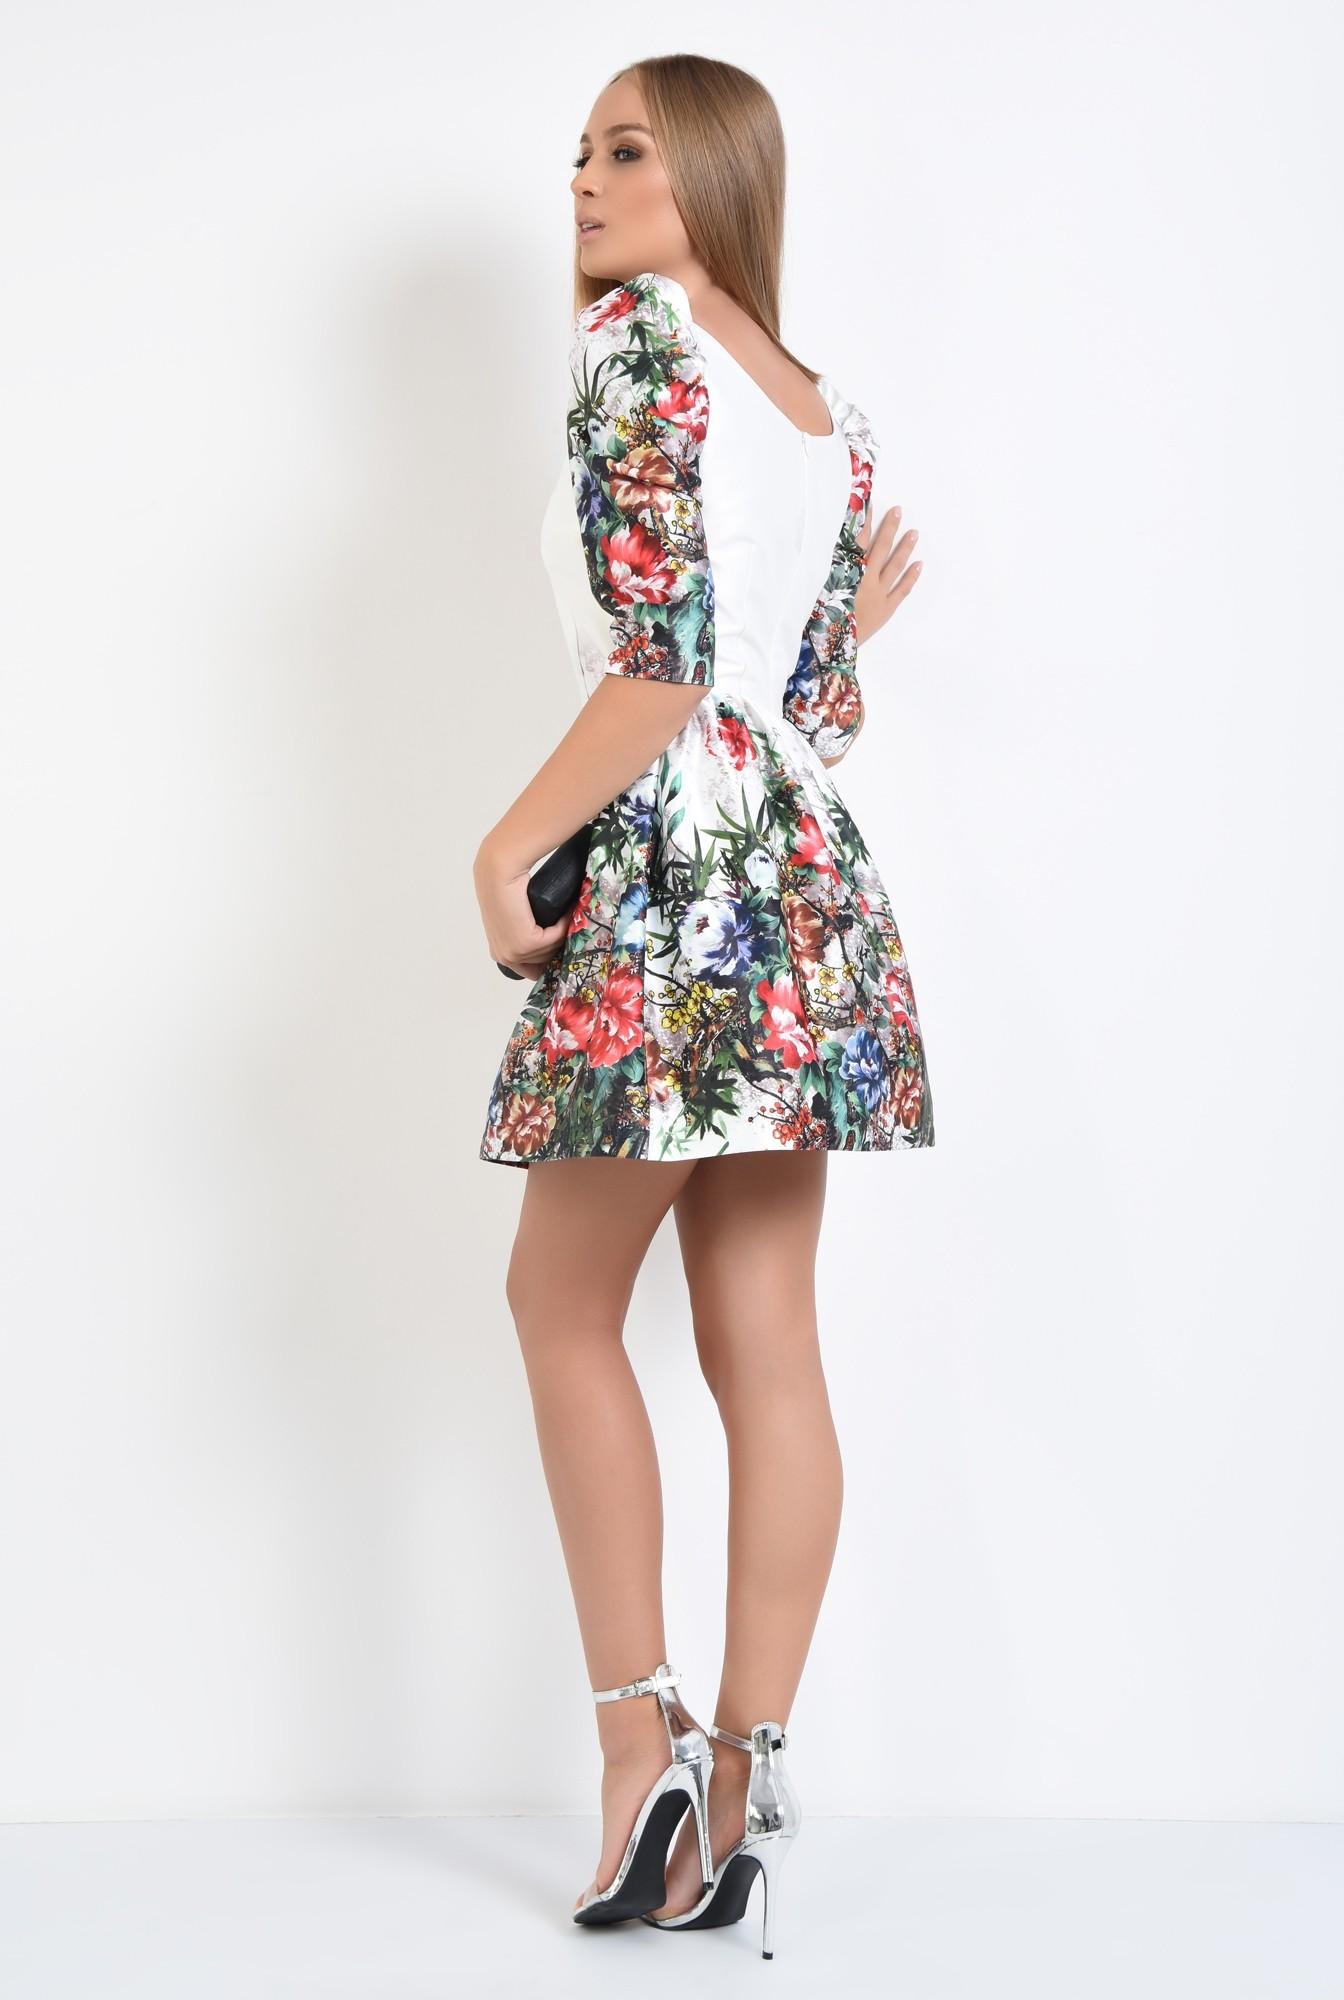 1 - rochie de ocazie, tafta, imprimata, motive florale